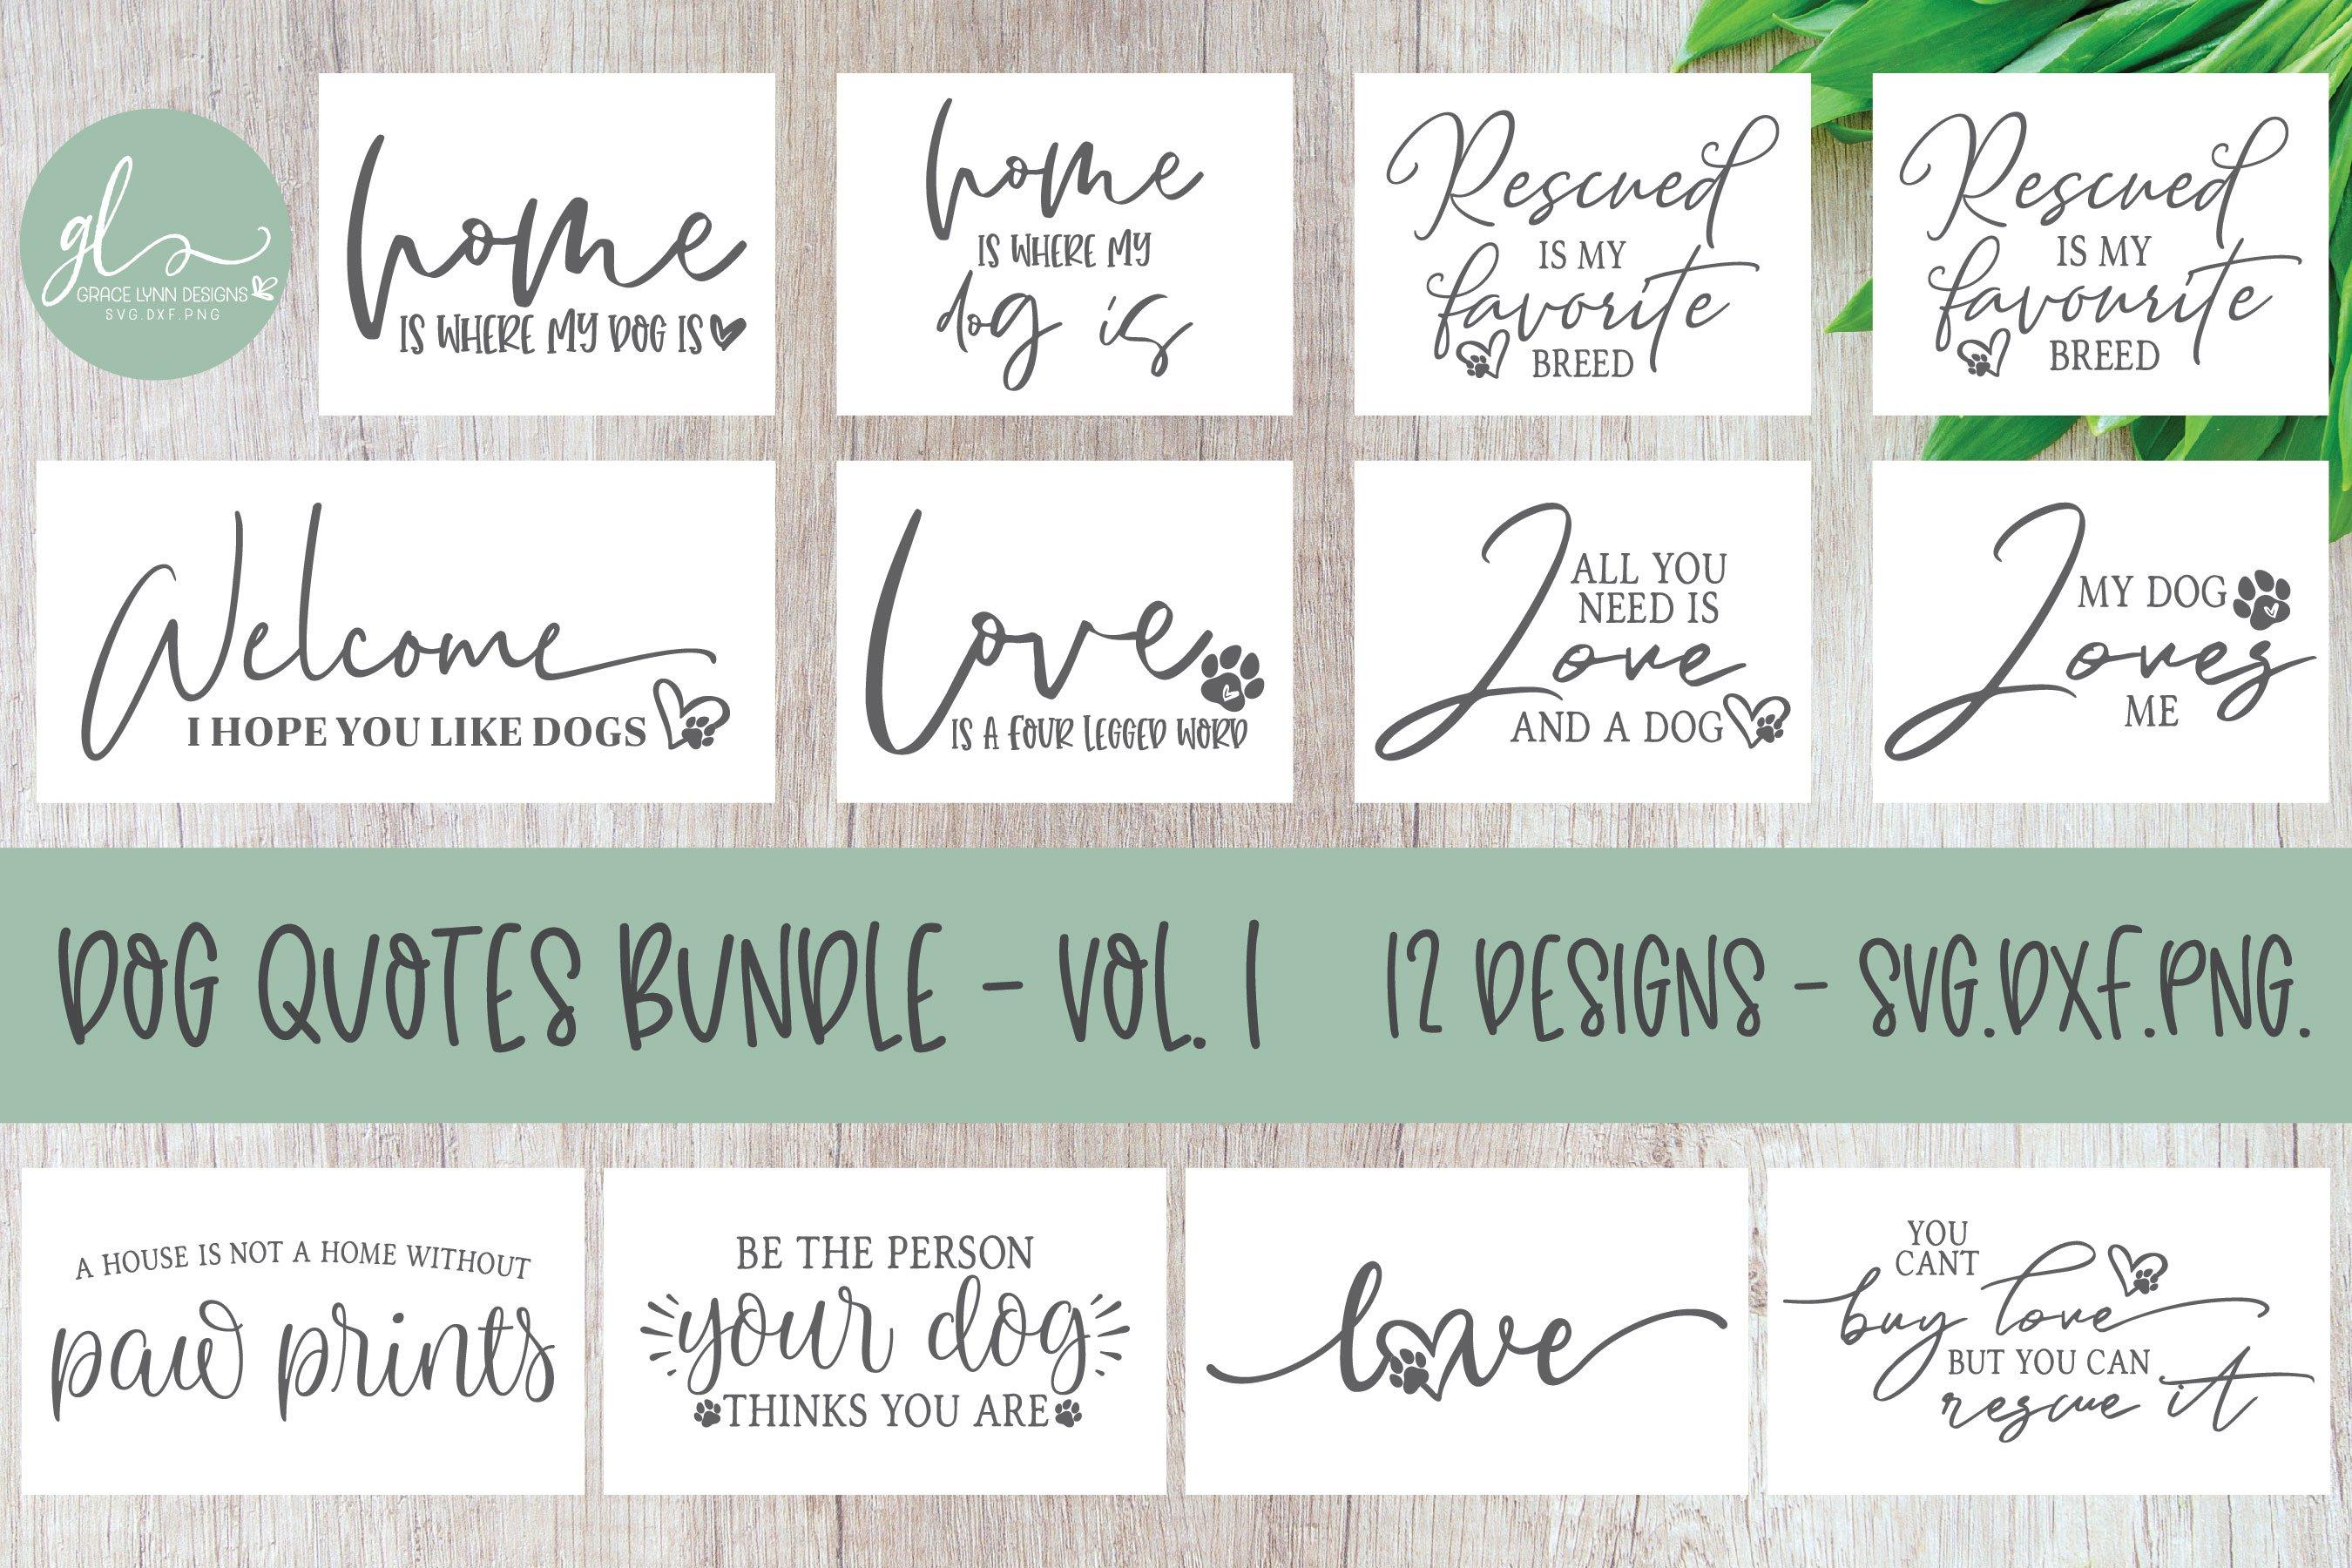 Dog Quotes Bundle Vol 1 12 Designs Svg Cut Files 229084 Cut Files Design Bundles